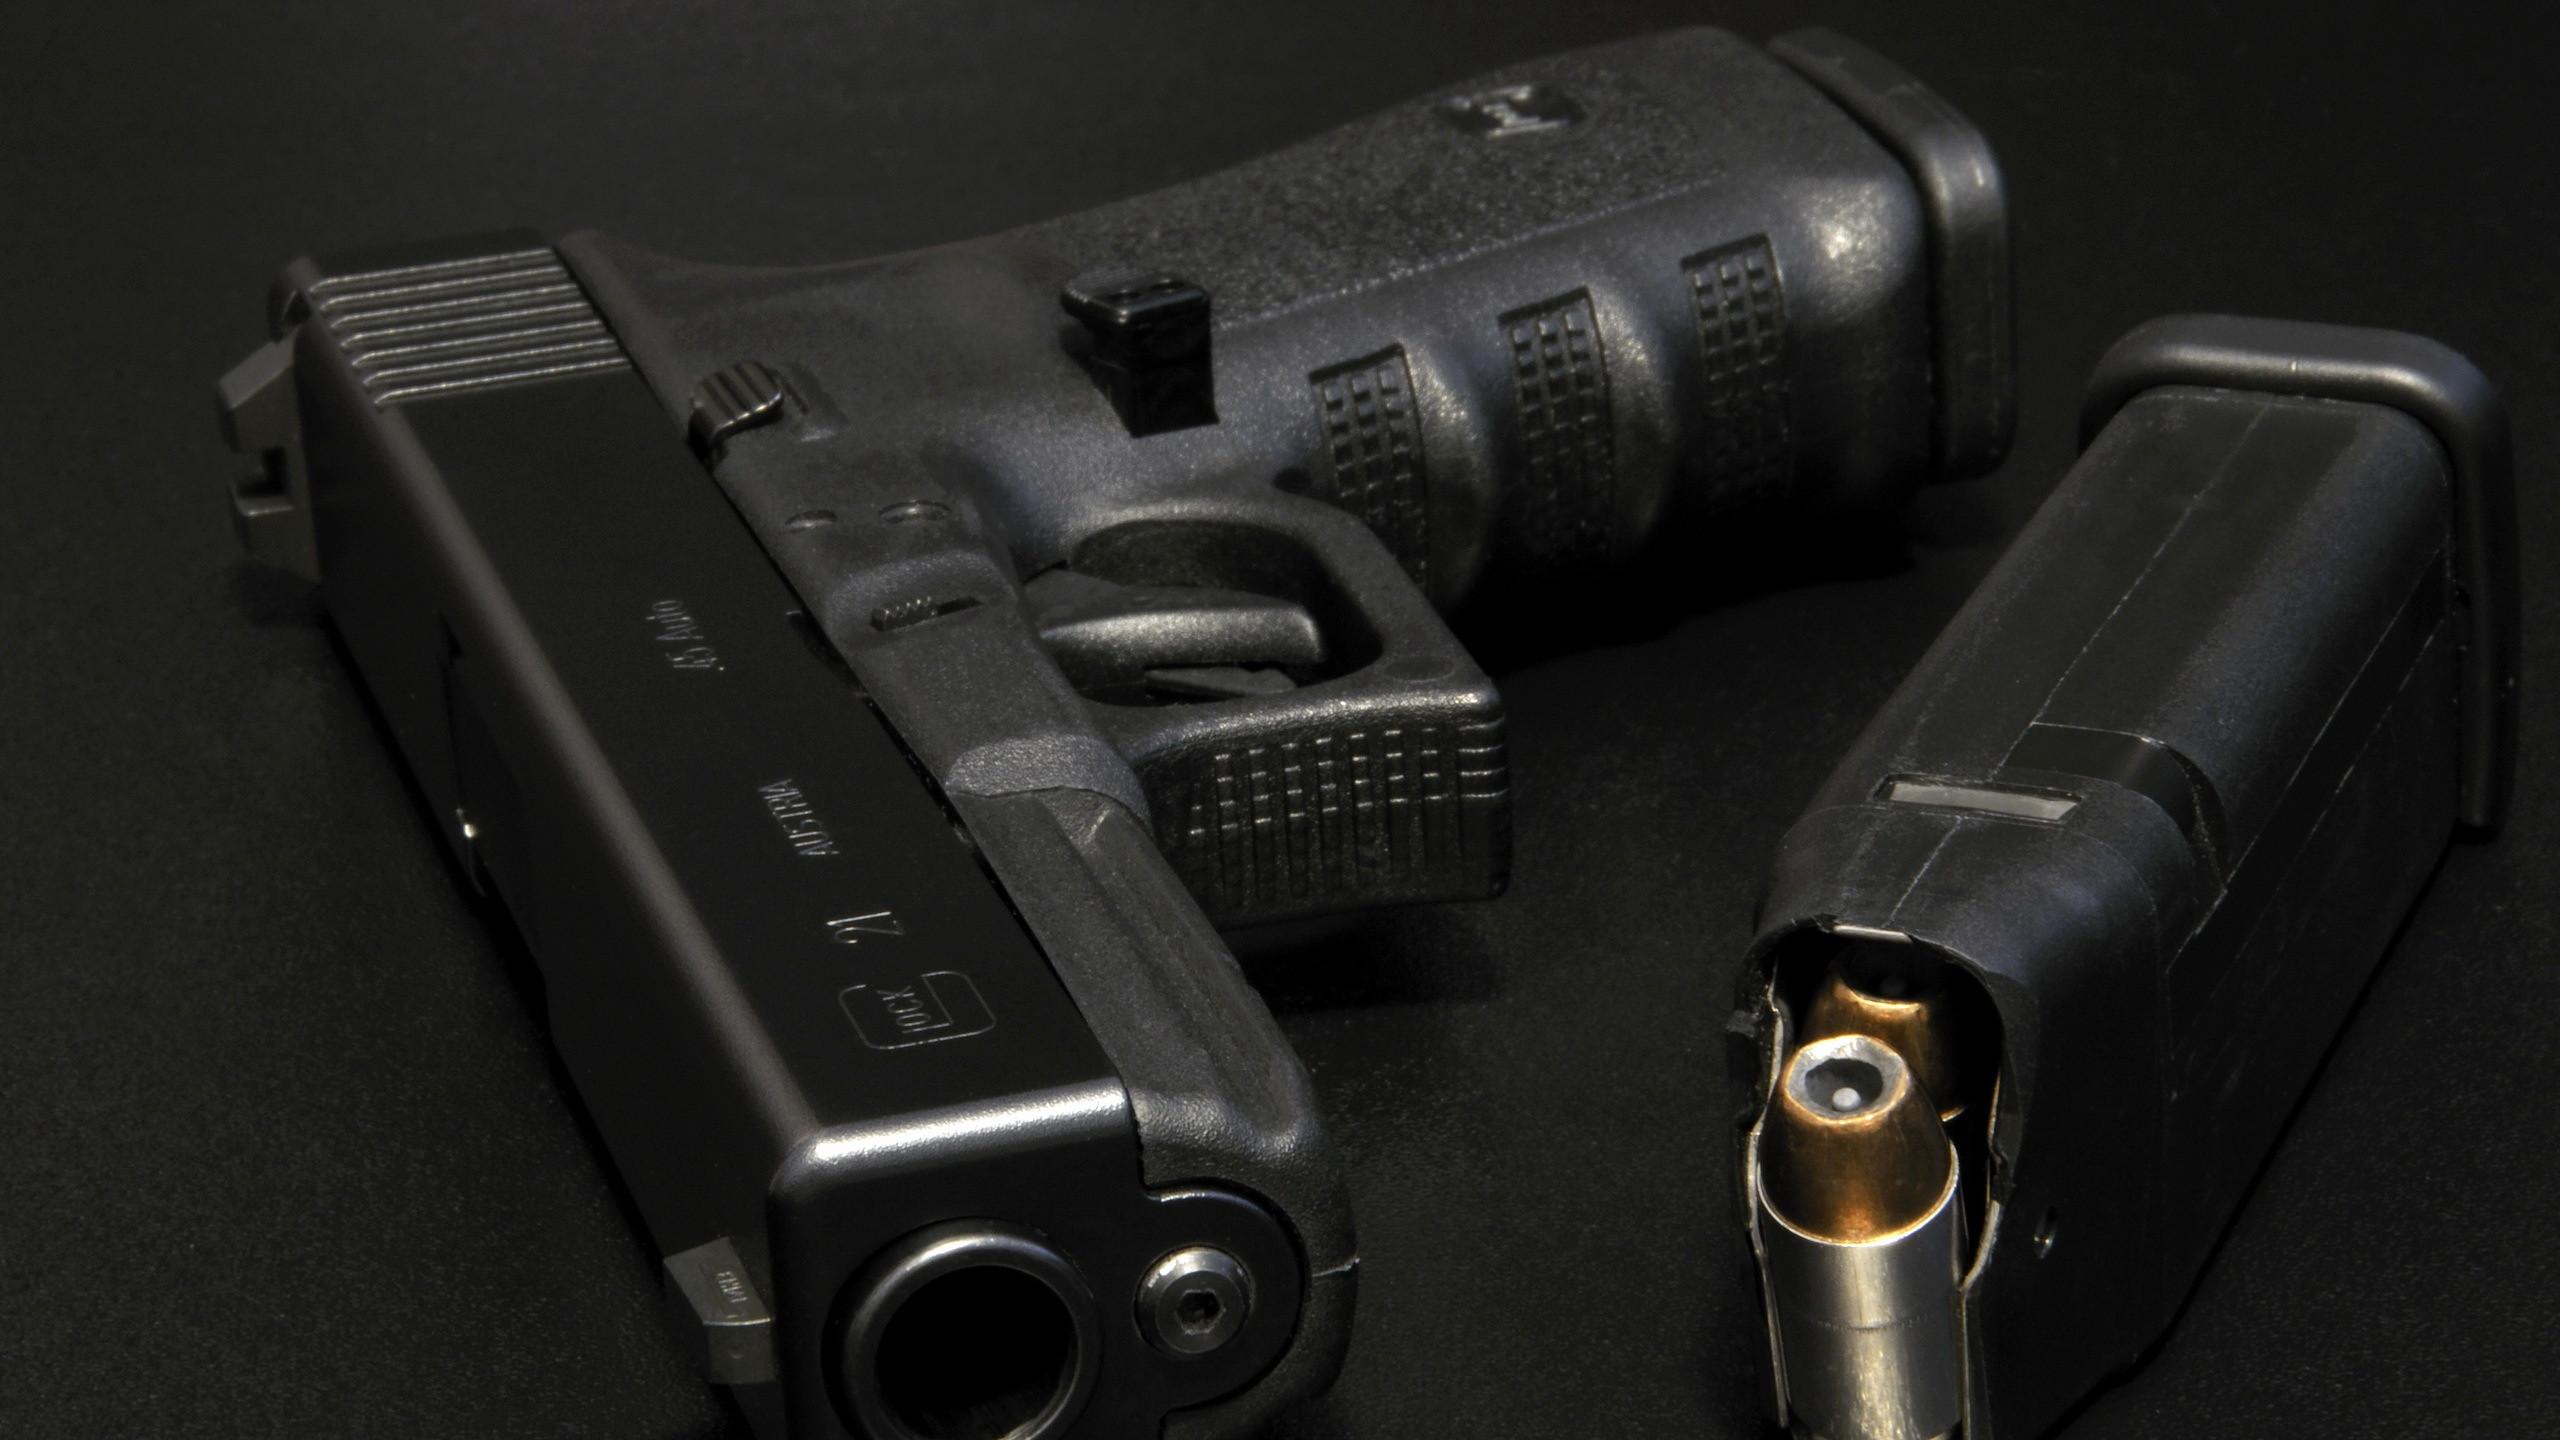 Res: 2560x1440, Glock Wallpaper Luxury Glock Pistol Wallpapers